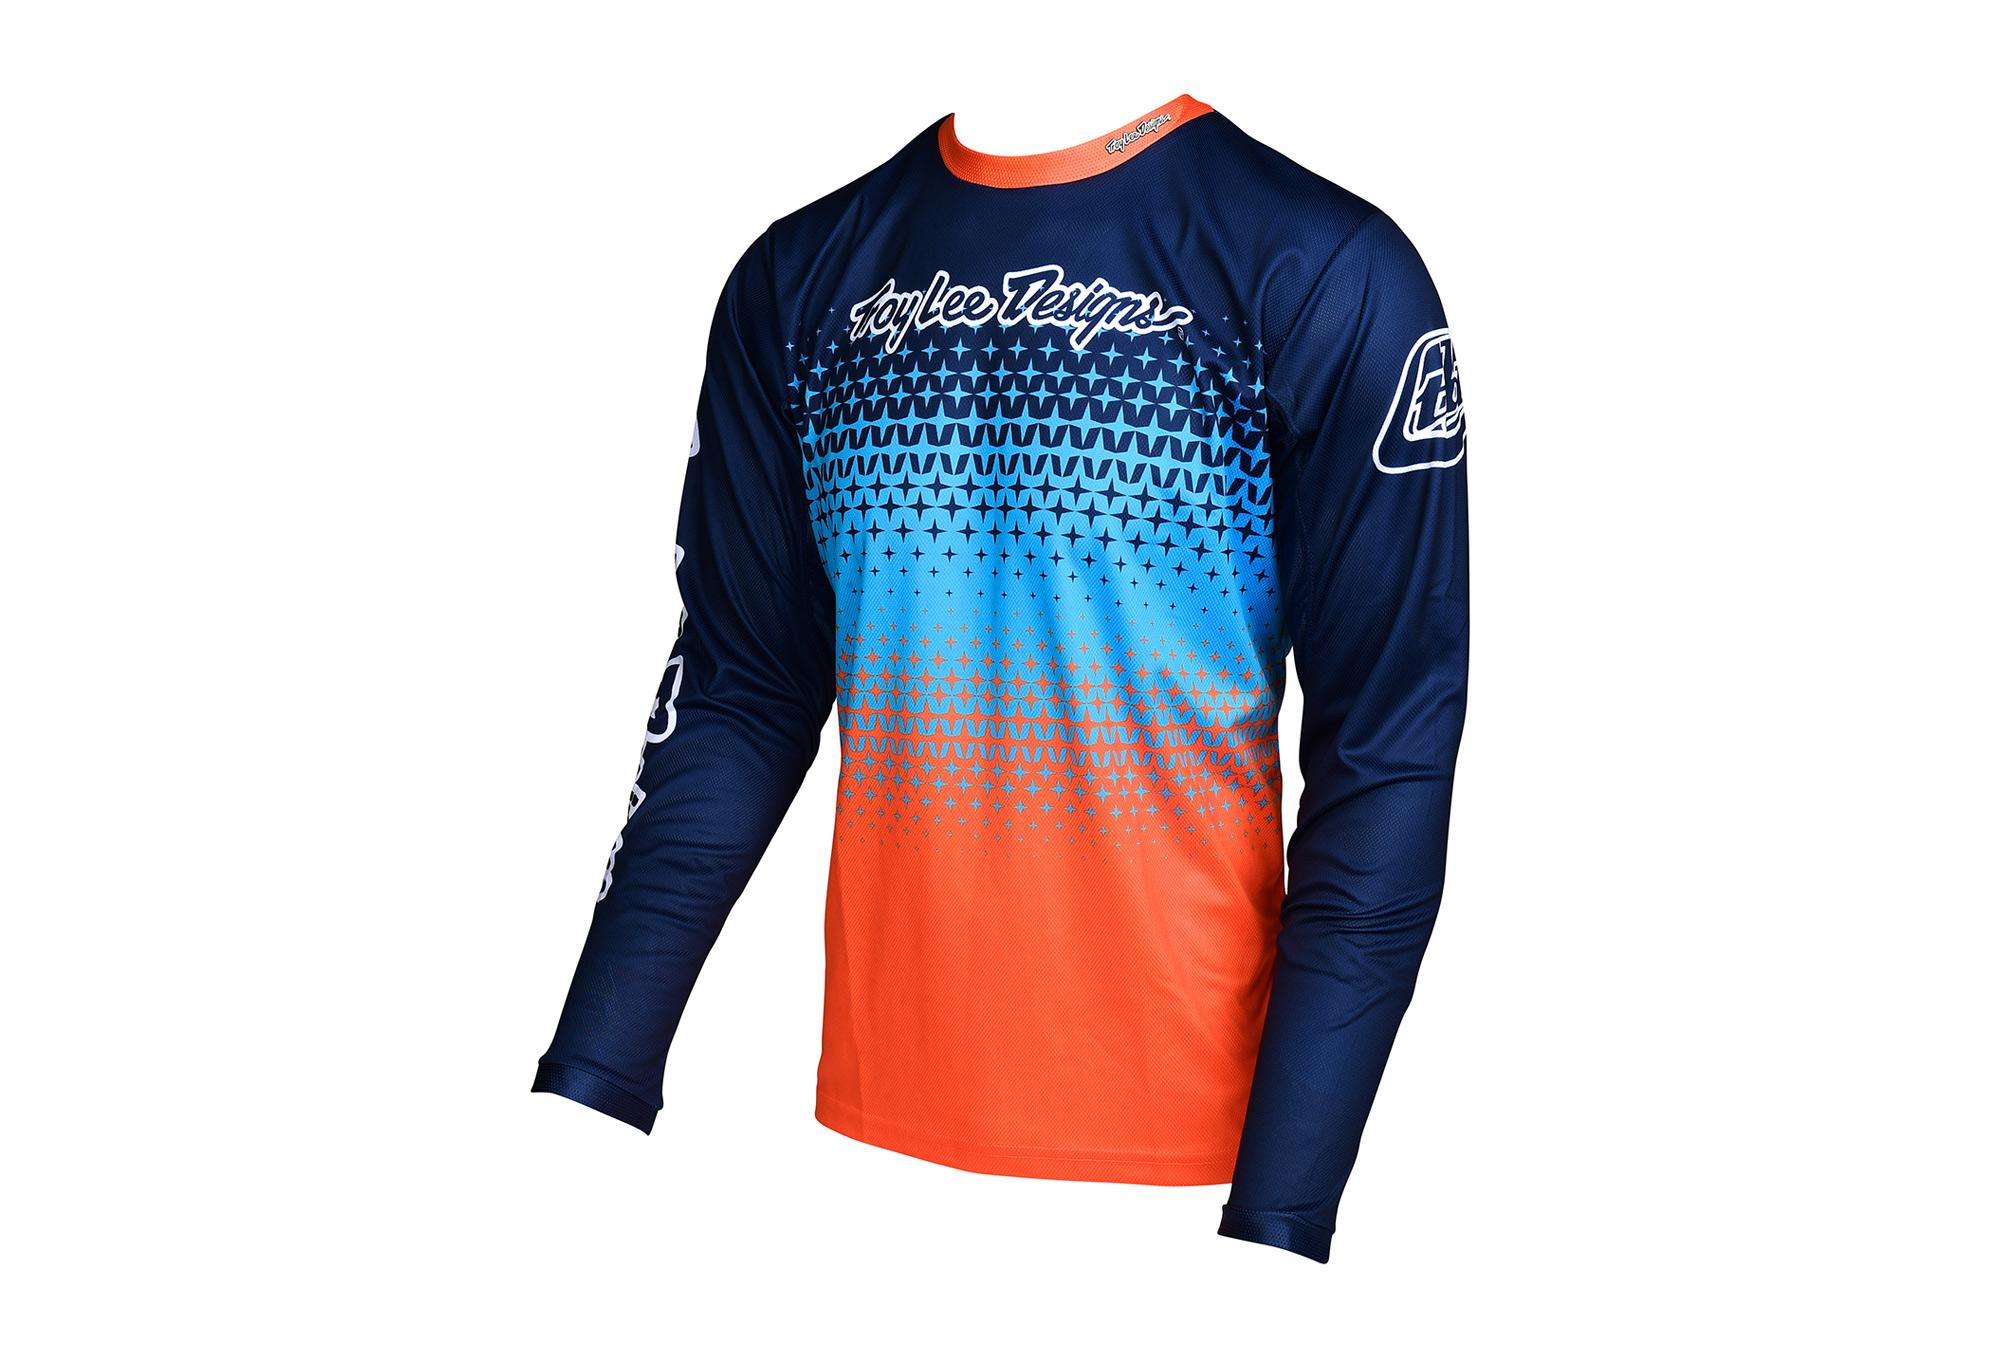 maillot manches longues troy lee designs sprint starburst bleu orange 2017. Black Bedroom Furniture Sets. Home Design Ideas